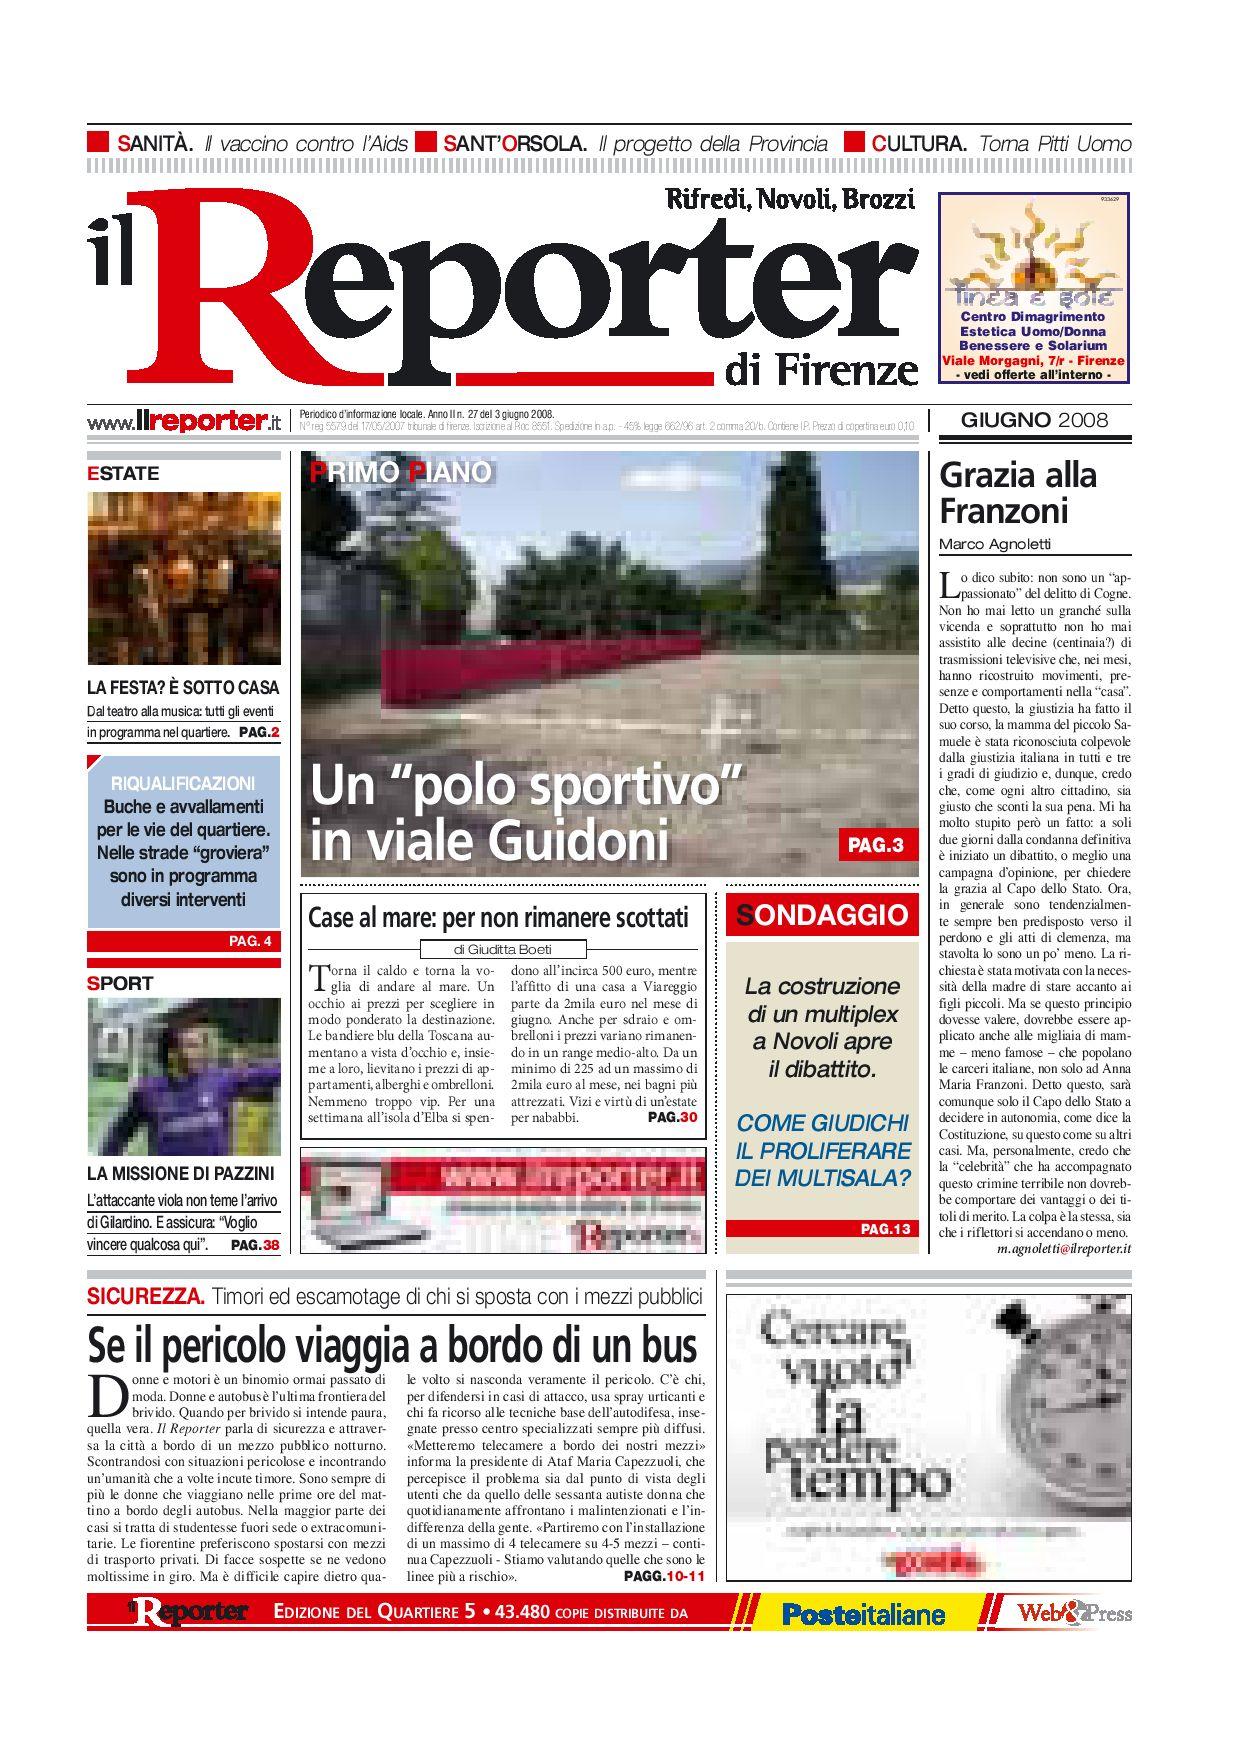 Alfa Edil Firenze Srl il reporter - quartiere5 - giugno2008 by ilreporter - issuu